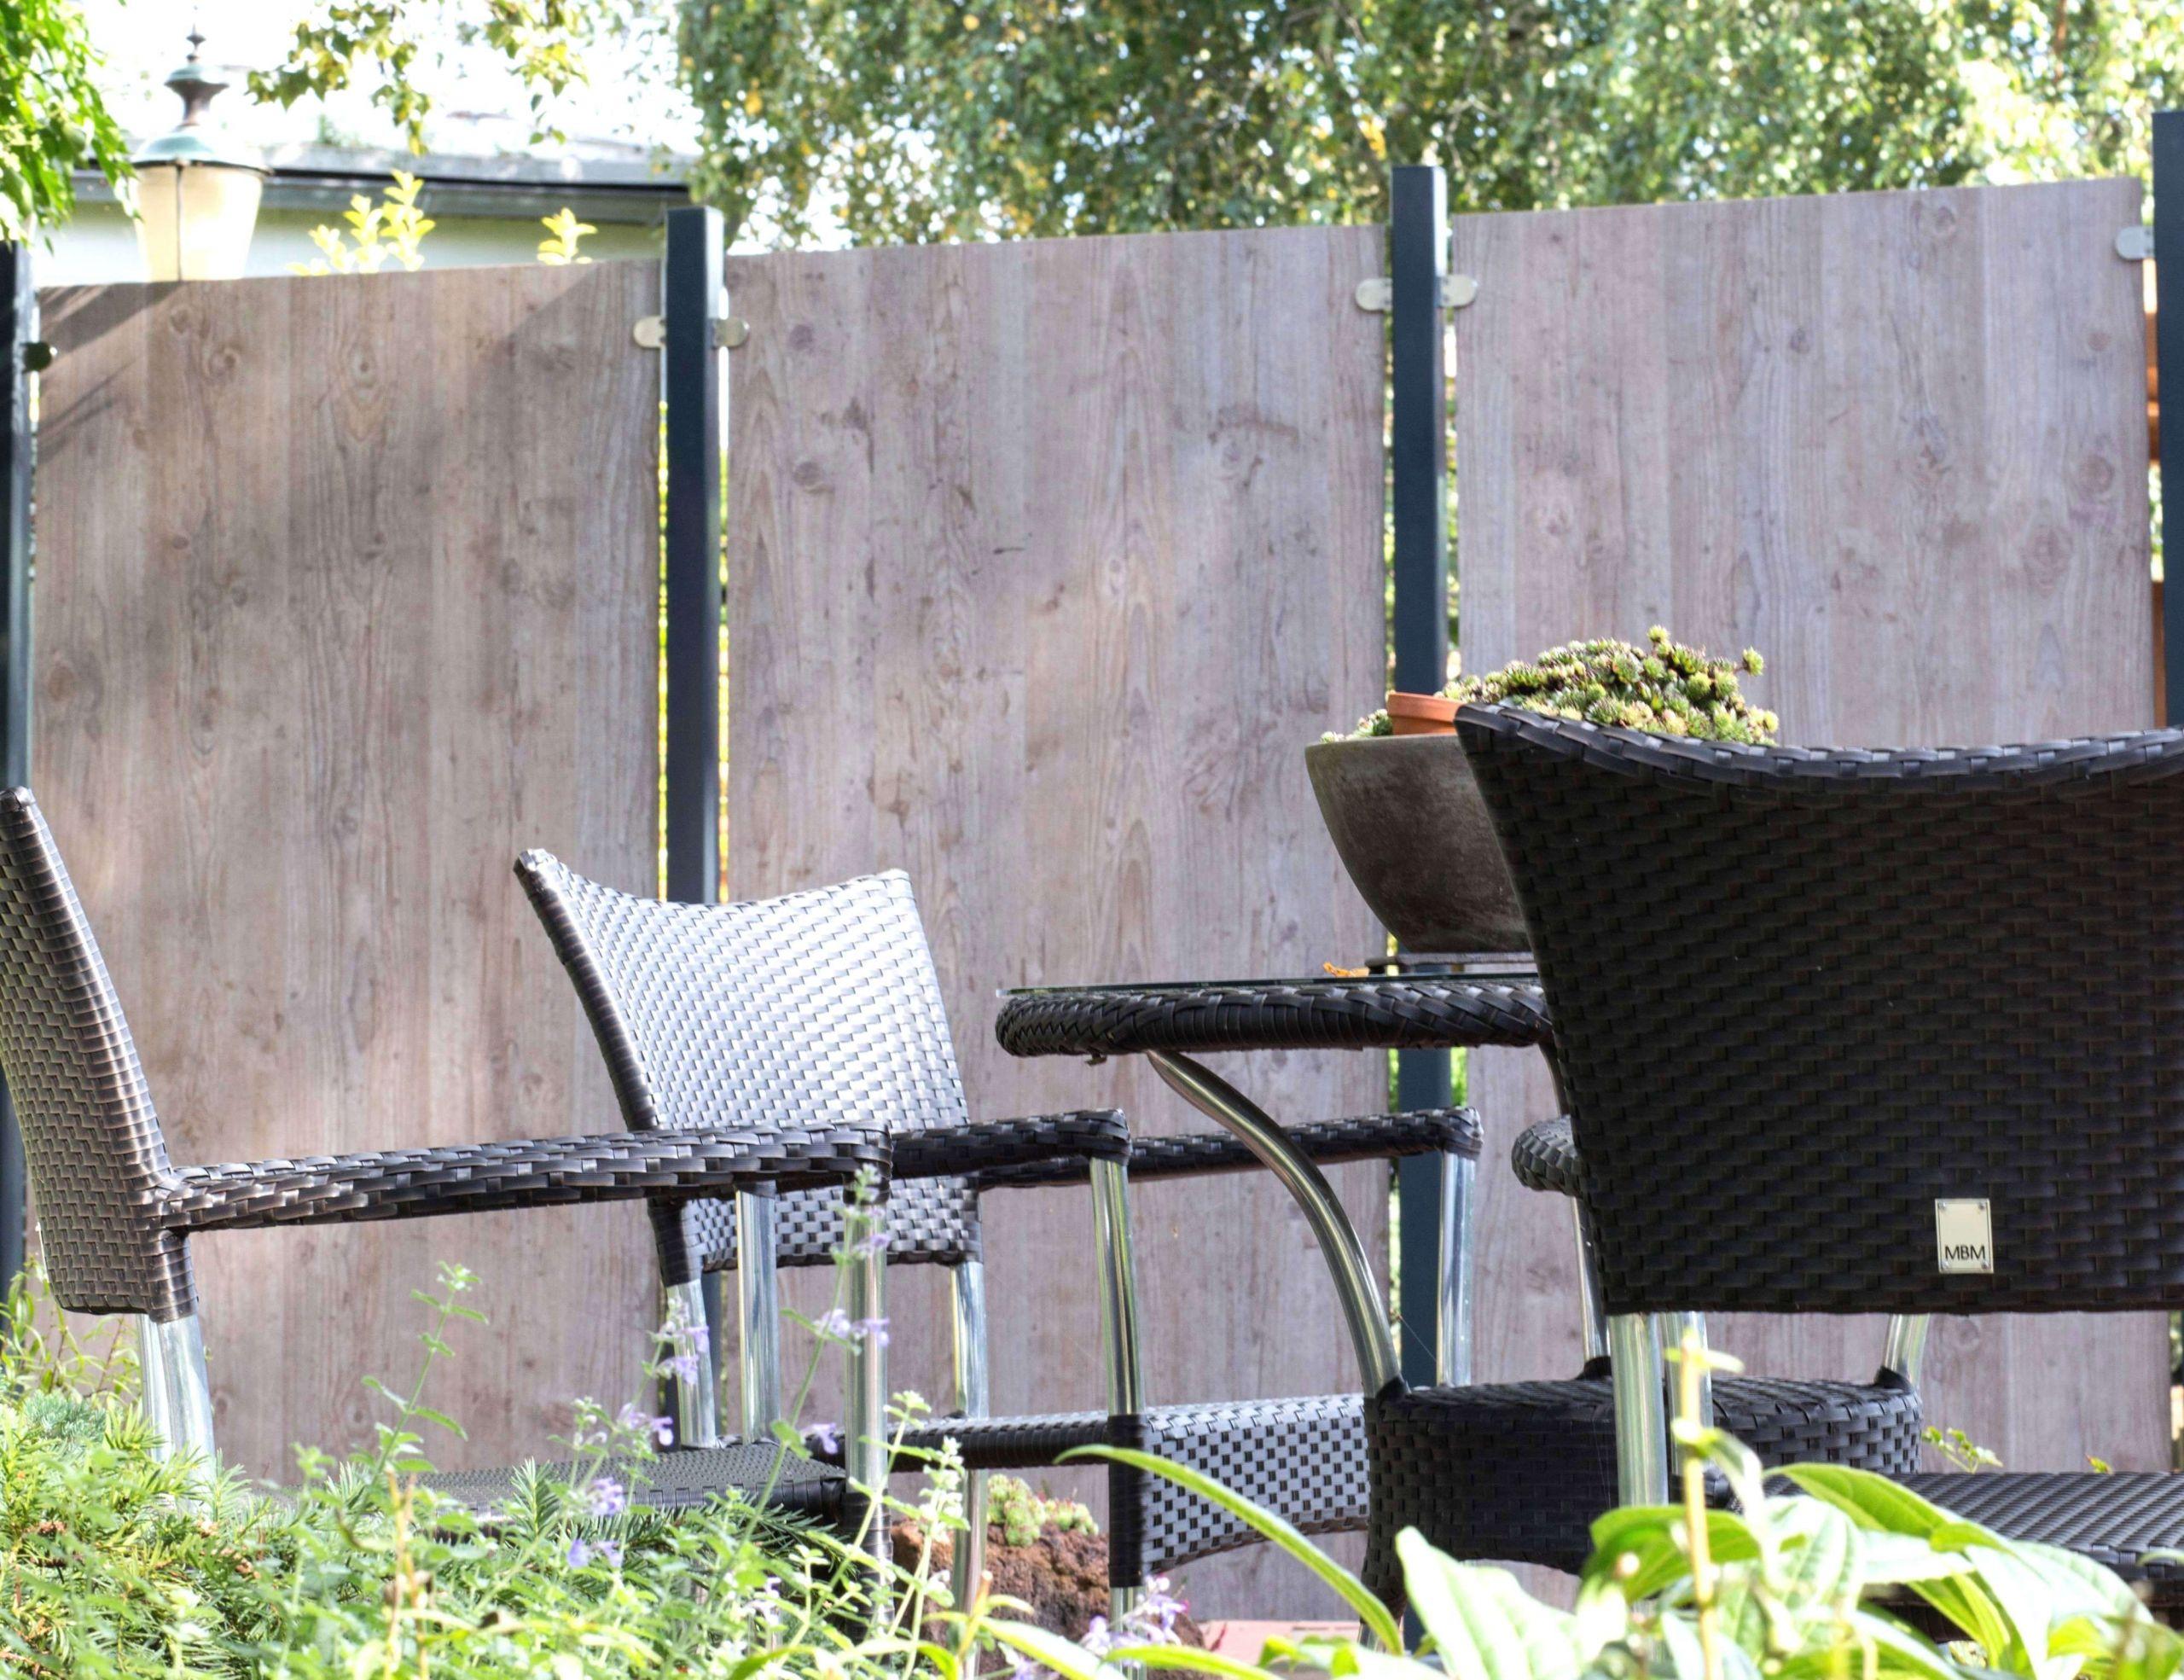 garden in back yard best of gartengestaltung mit holz frisch sichtschutz garten terrasse of garden in back yard